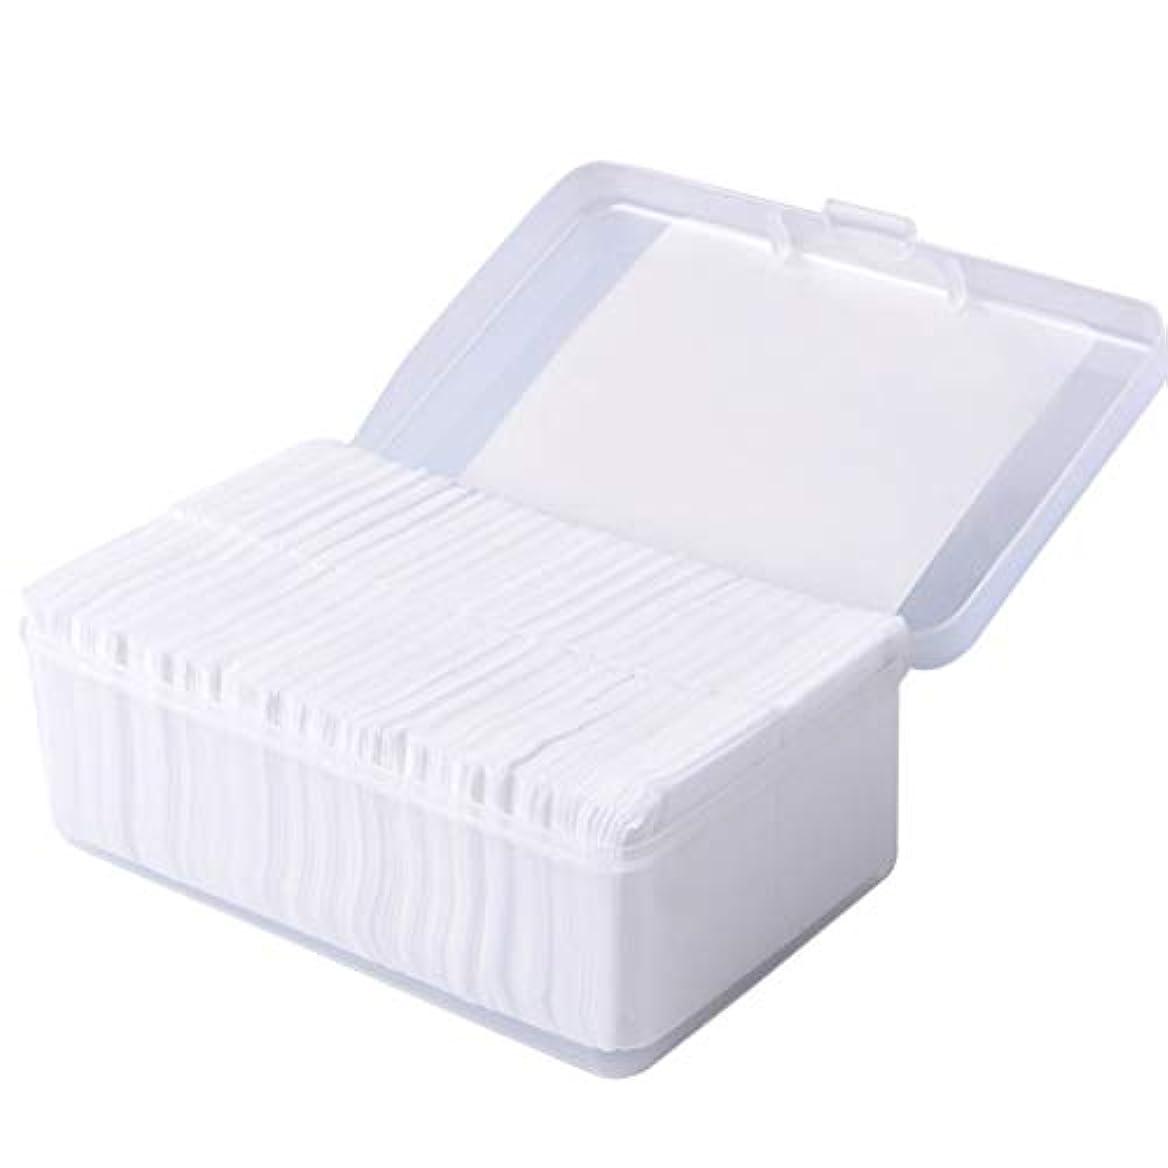 世界に死んだ会社意気揚々クレンジングシート 1000ピースコットンパッド化粧コットンワイプソフトメイク落としパッドフェイシャルクレンジングペーパーワイプスキンケアリムーバー (Color : White)